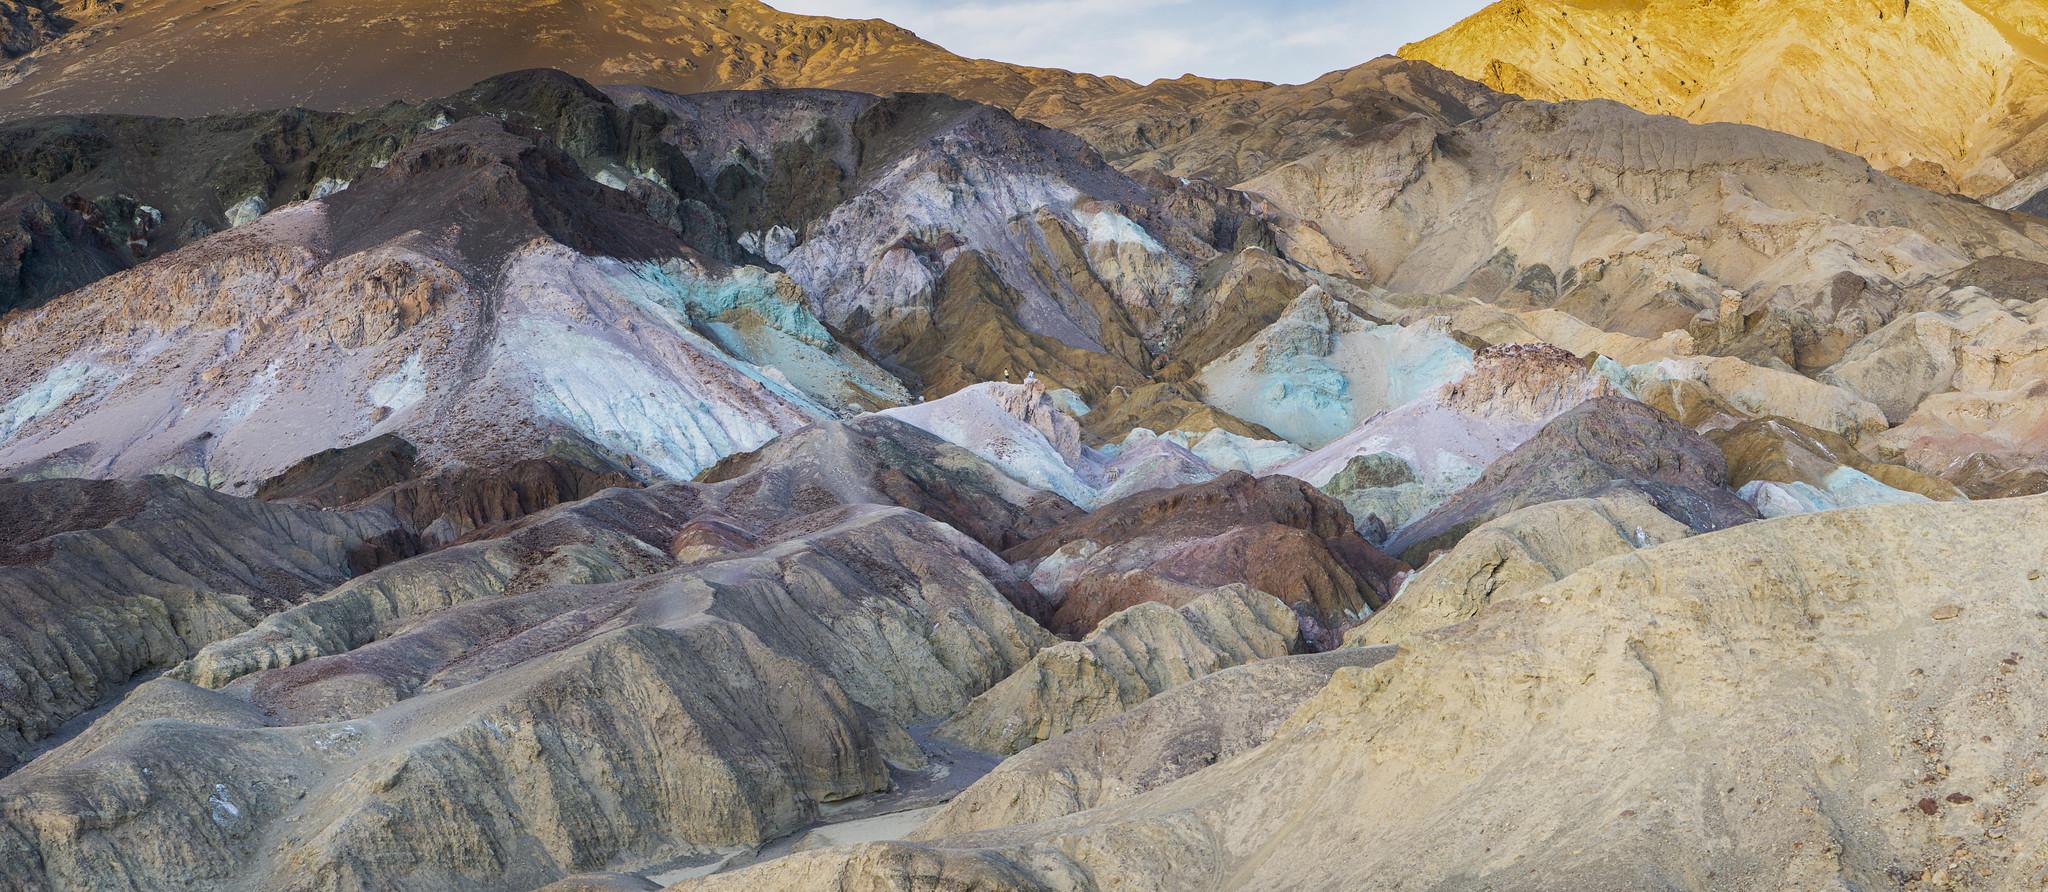 Death Valley - Artists Palette 2